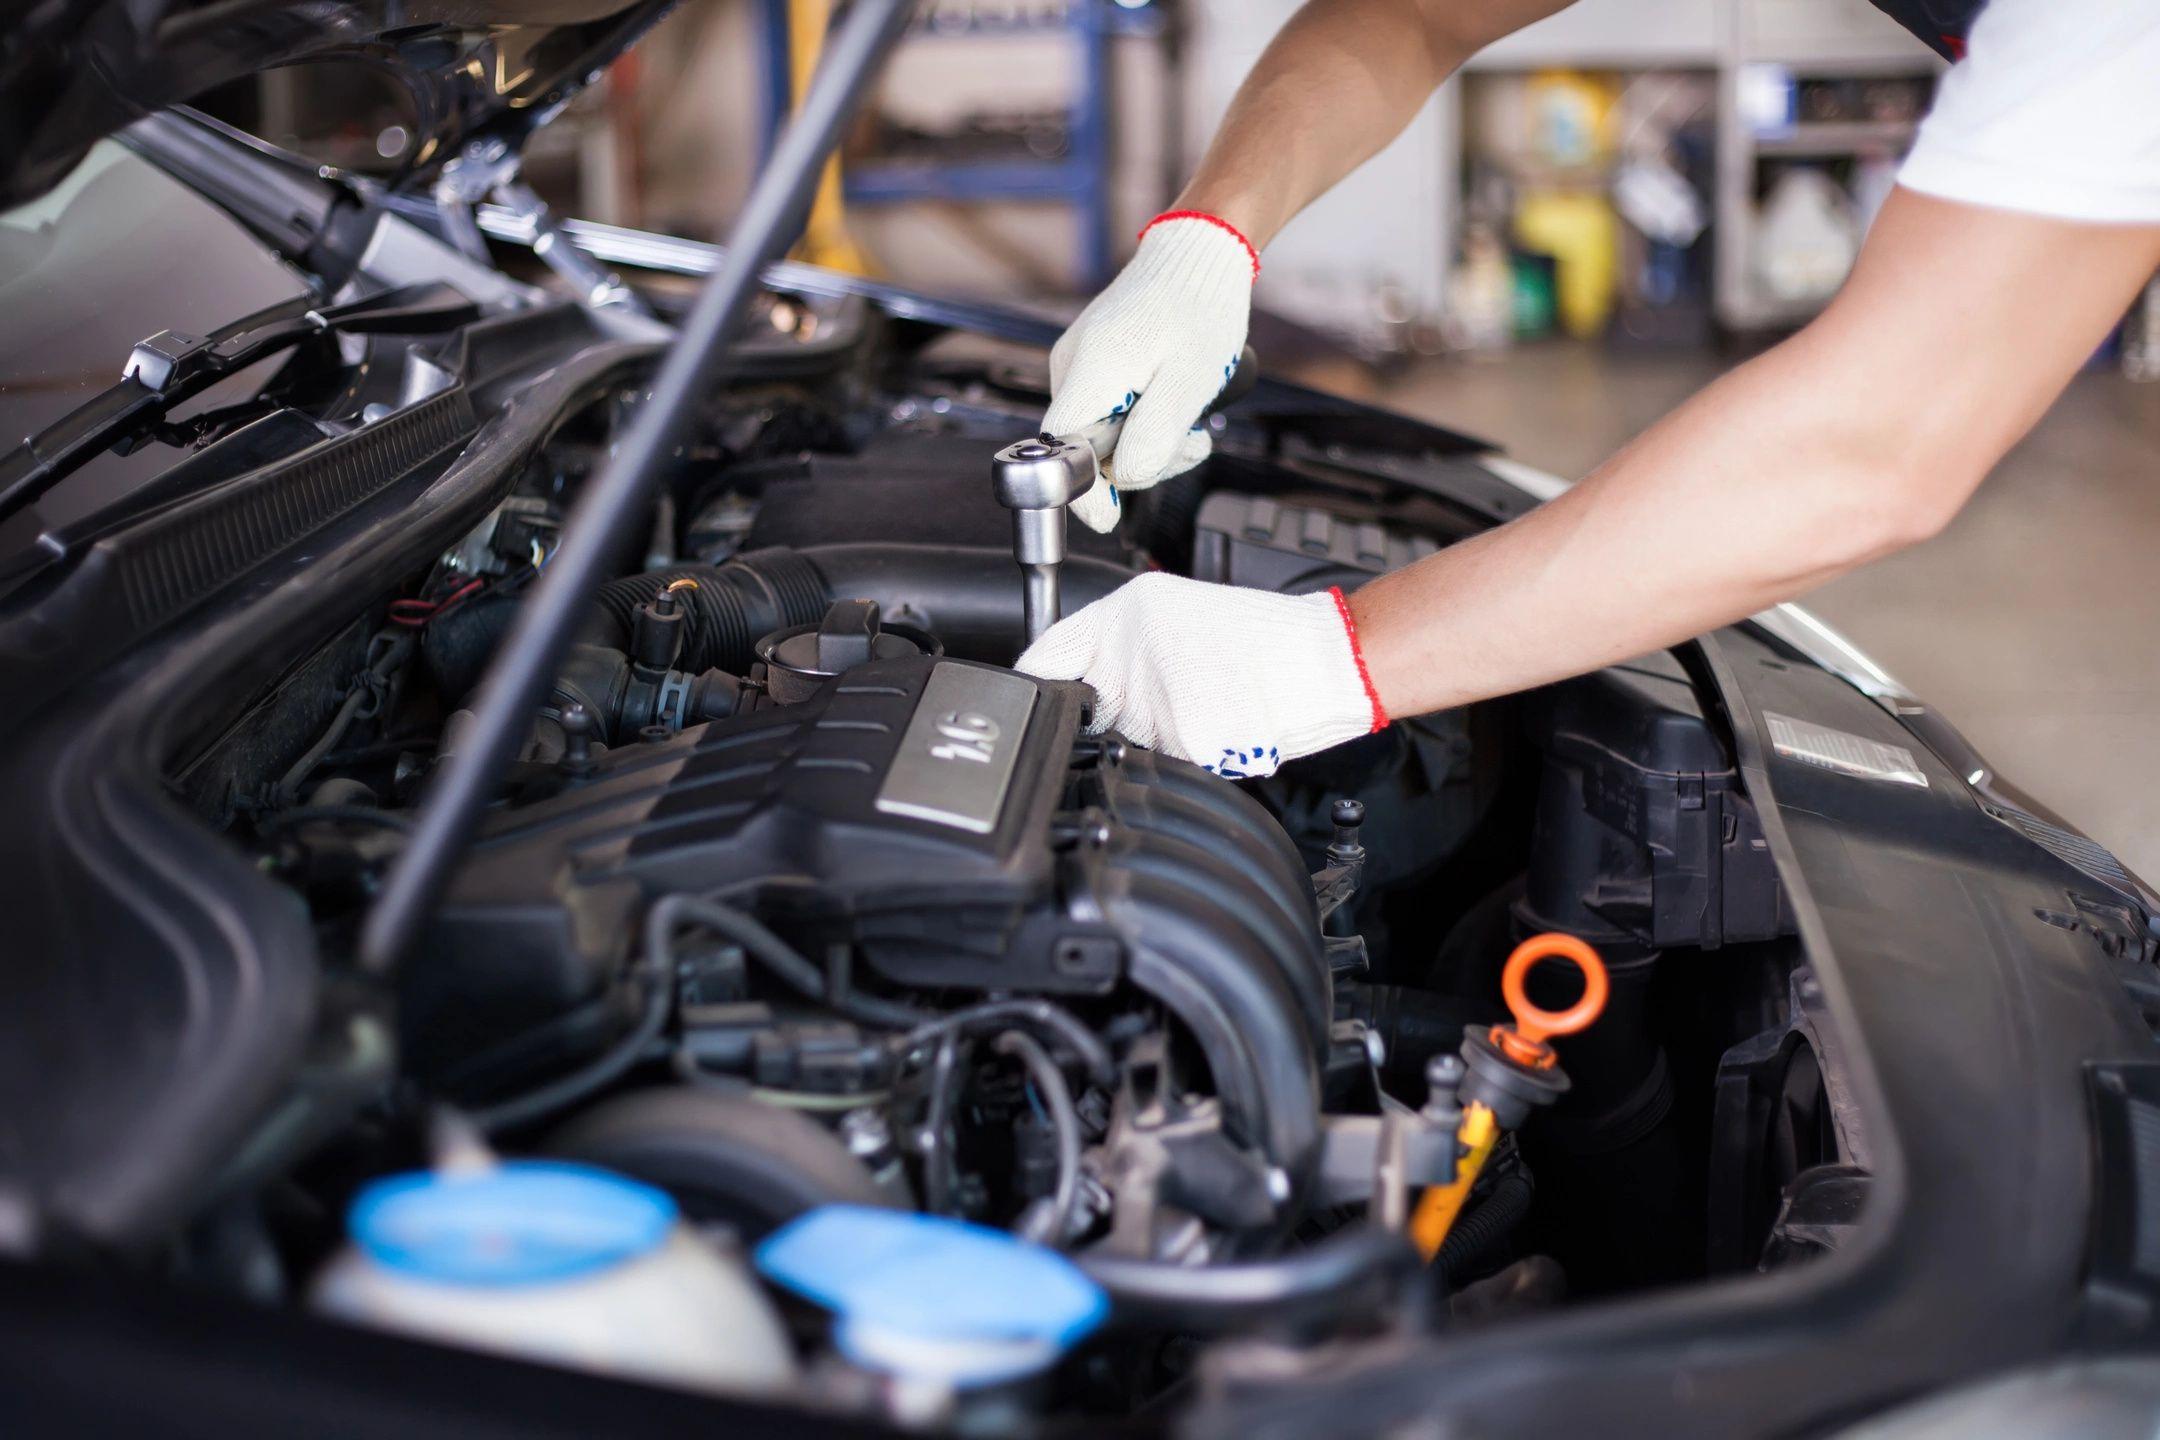 engine repair services